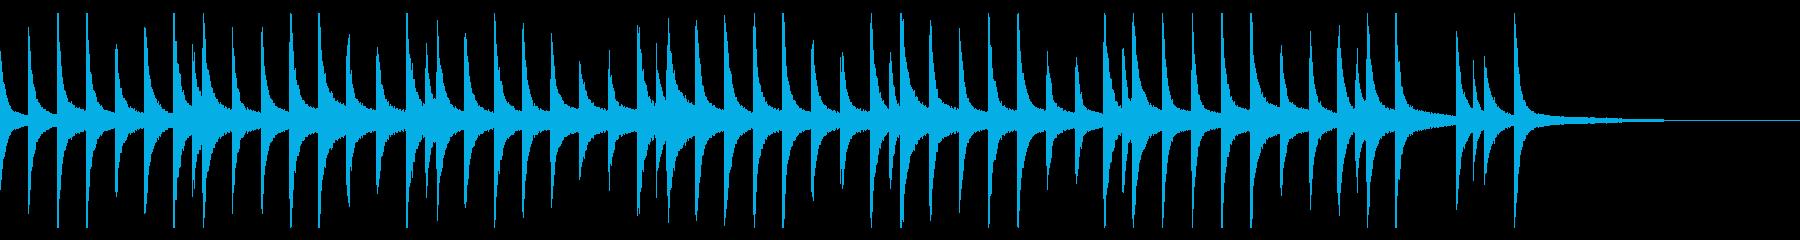 オーケストラベルズ:ミュージックア...の再生済みの波形